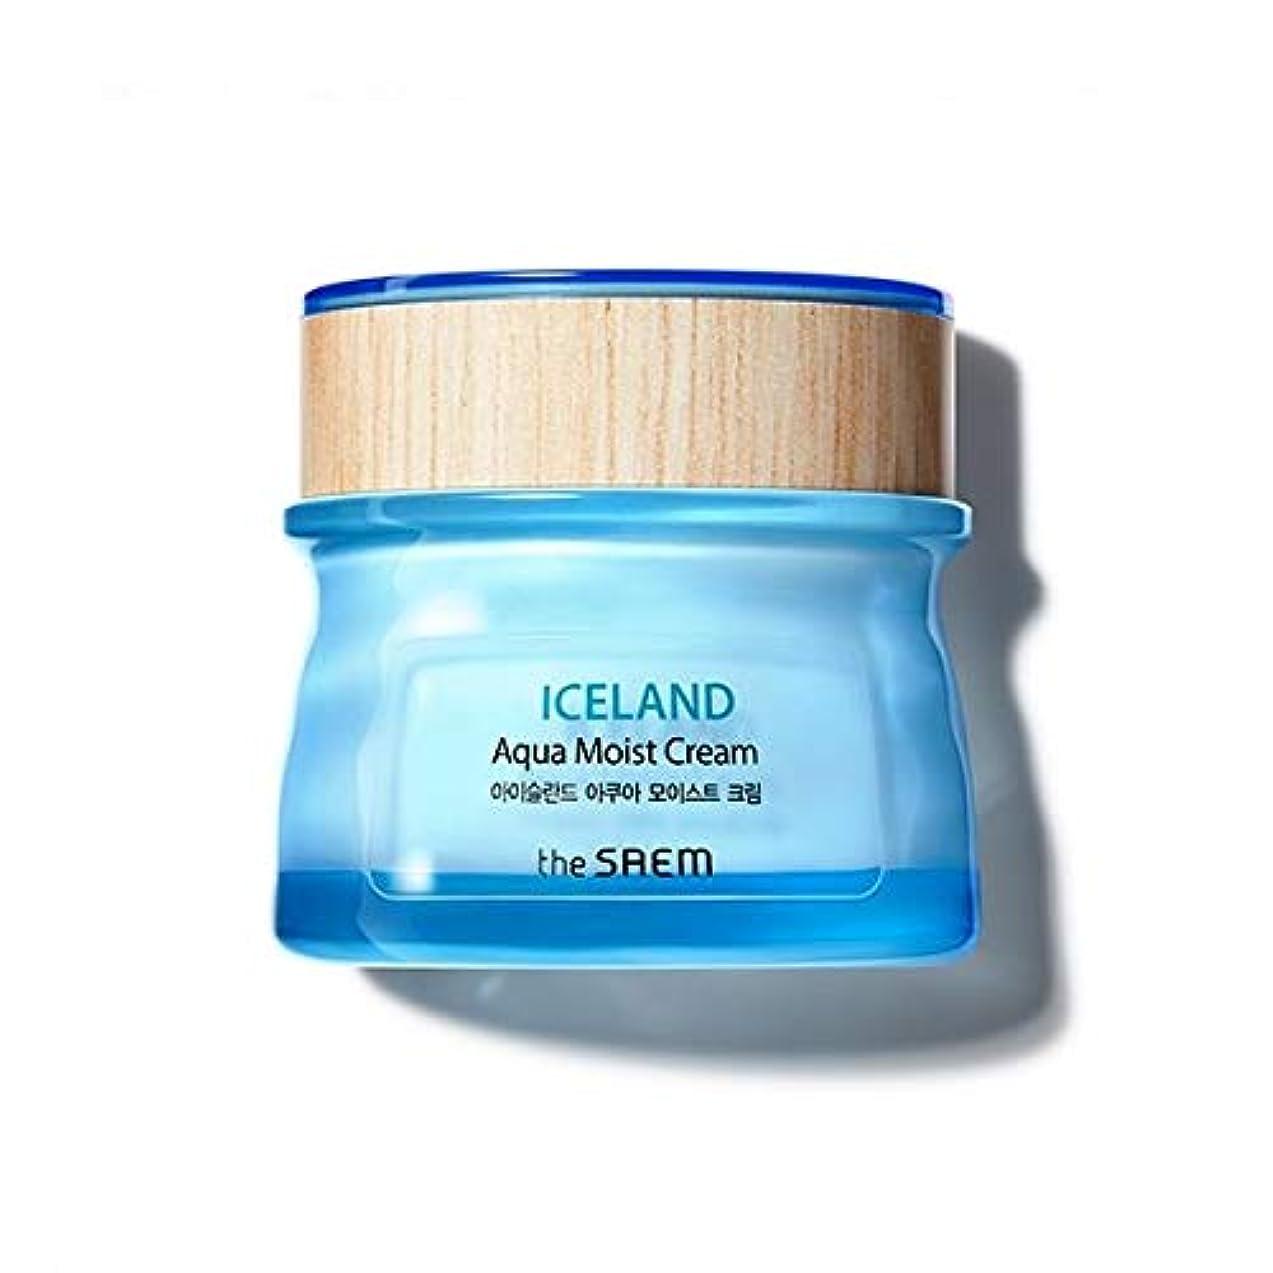 強打警察署憂鬱なThe saem Iceland Apua Moist Cream ザセム アイスランド アクア モイスト クリーム 60ml [並行輸入品]